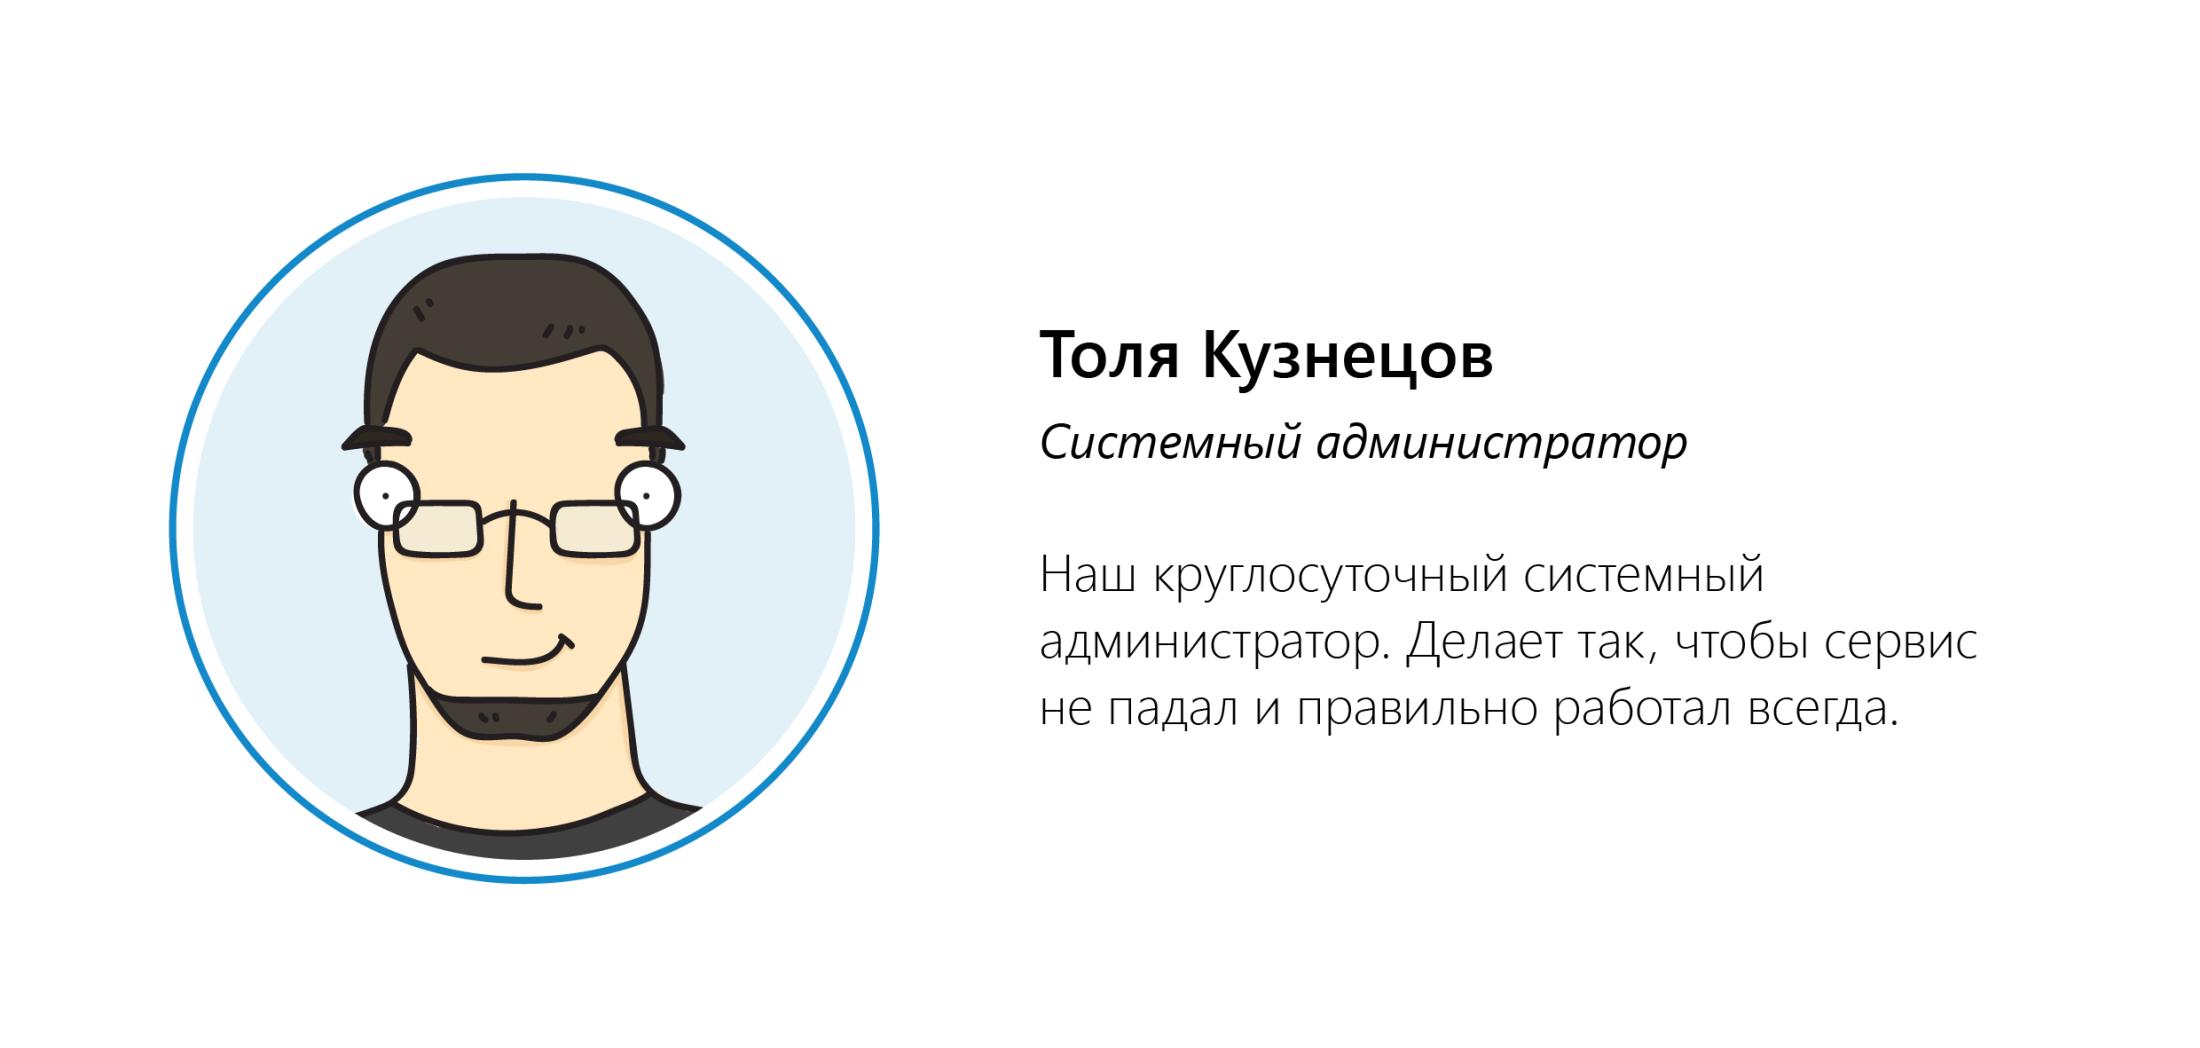 Толя Кузнецов